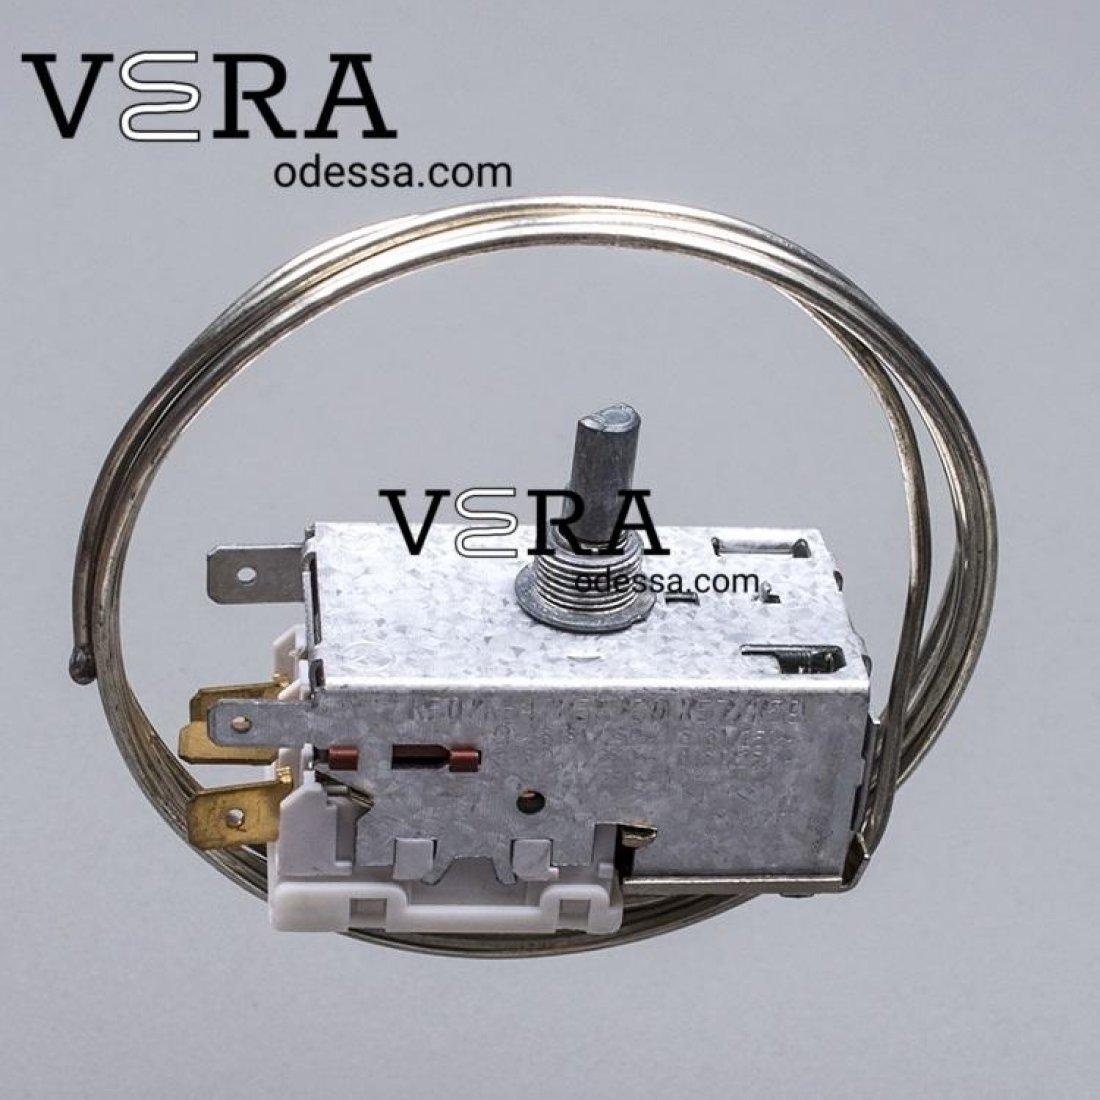 Купить терморегулятор K59 L-1102 1,0 m для холодильника оптом, фотография 1